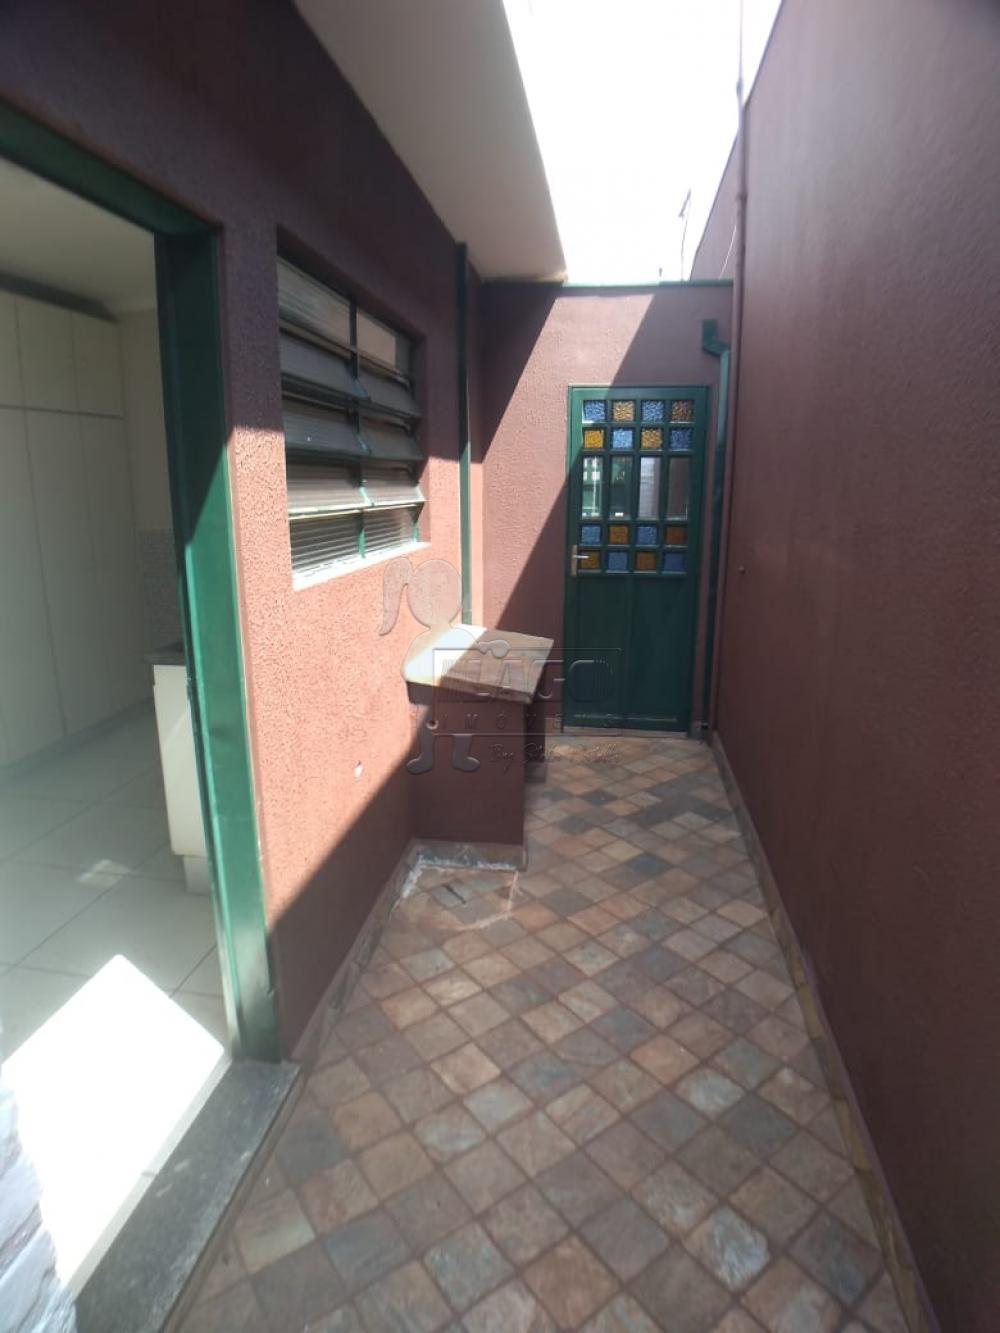 Alugar Casas / Padrão em Ribeirão Preto apenas R$ 1.800,00 - Foto 21